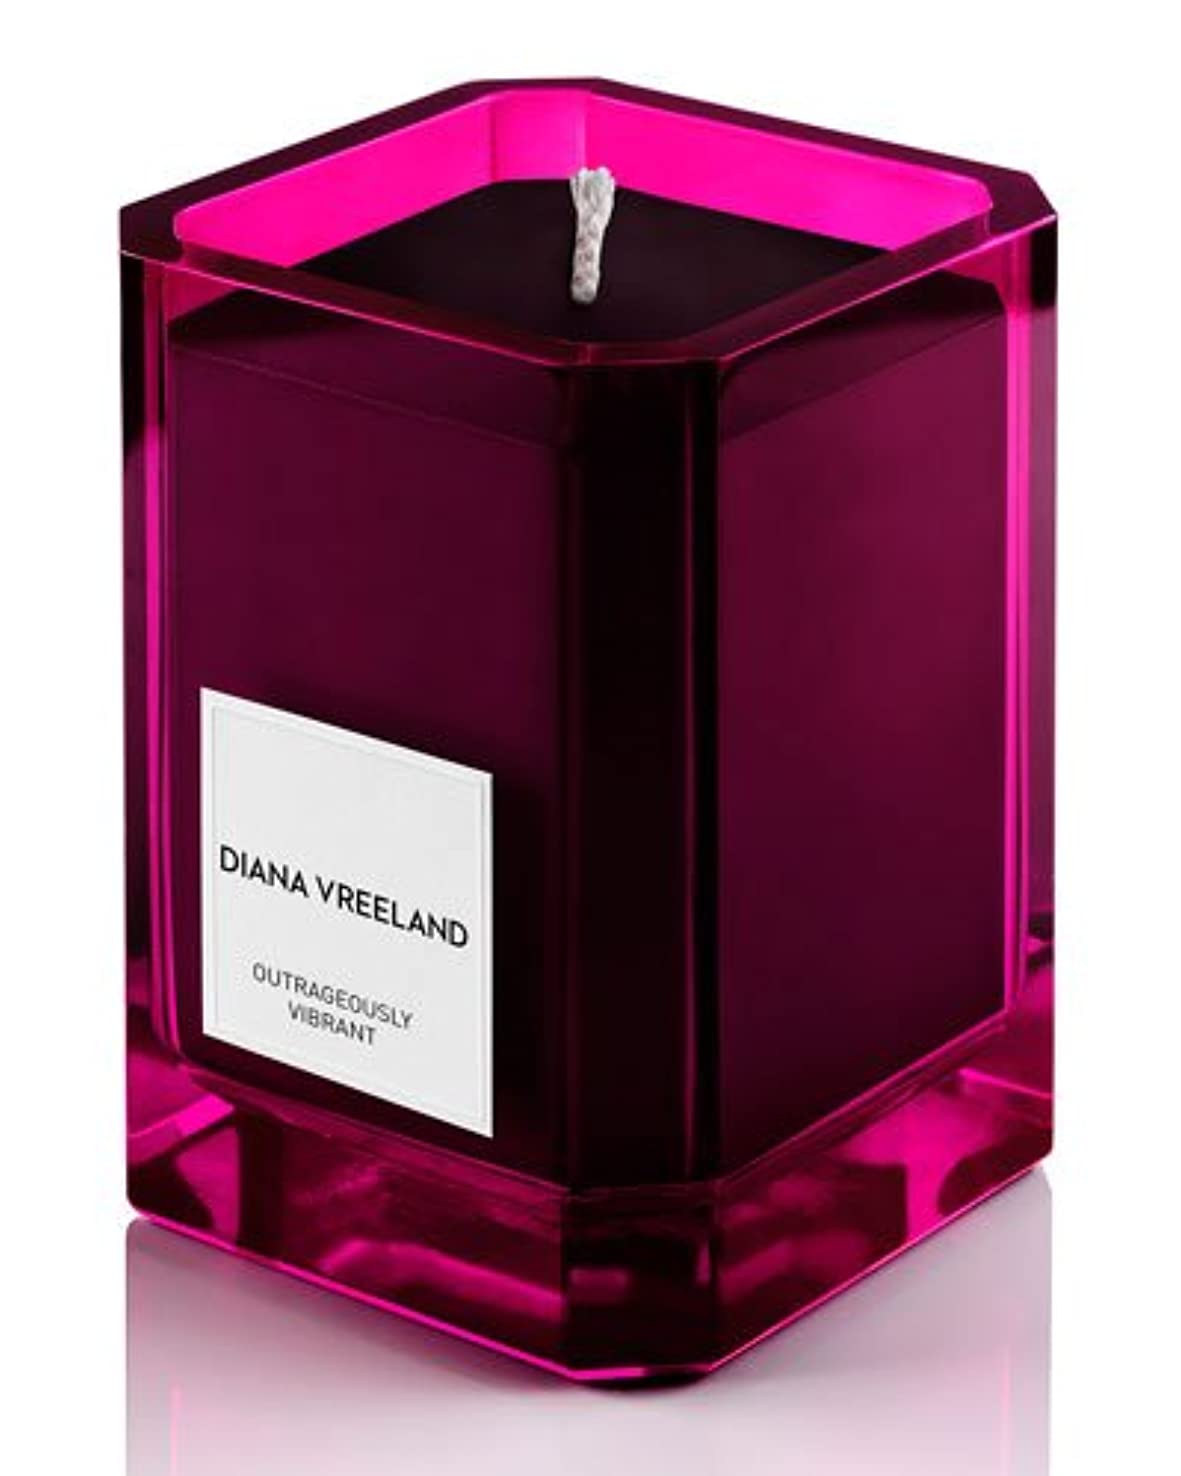 ウガンダ望むマニアDiana Vreeland Outrageously Vibrant(ダイアナ ヴリーランド アウトレイジャスリー ヴィブラント)9.7 oz (291ml) Candle(香り付きキャンドル)